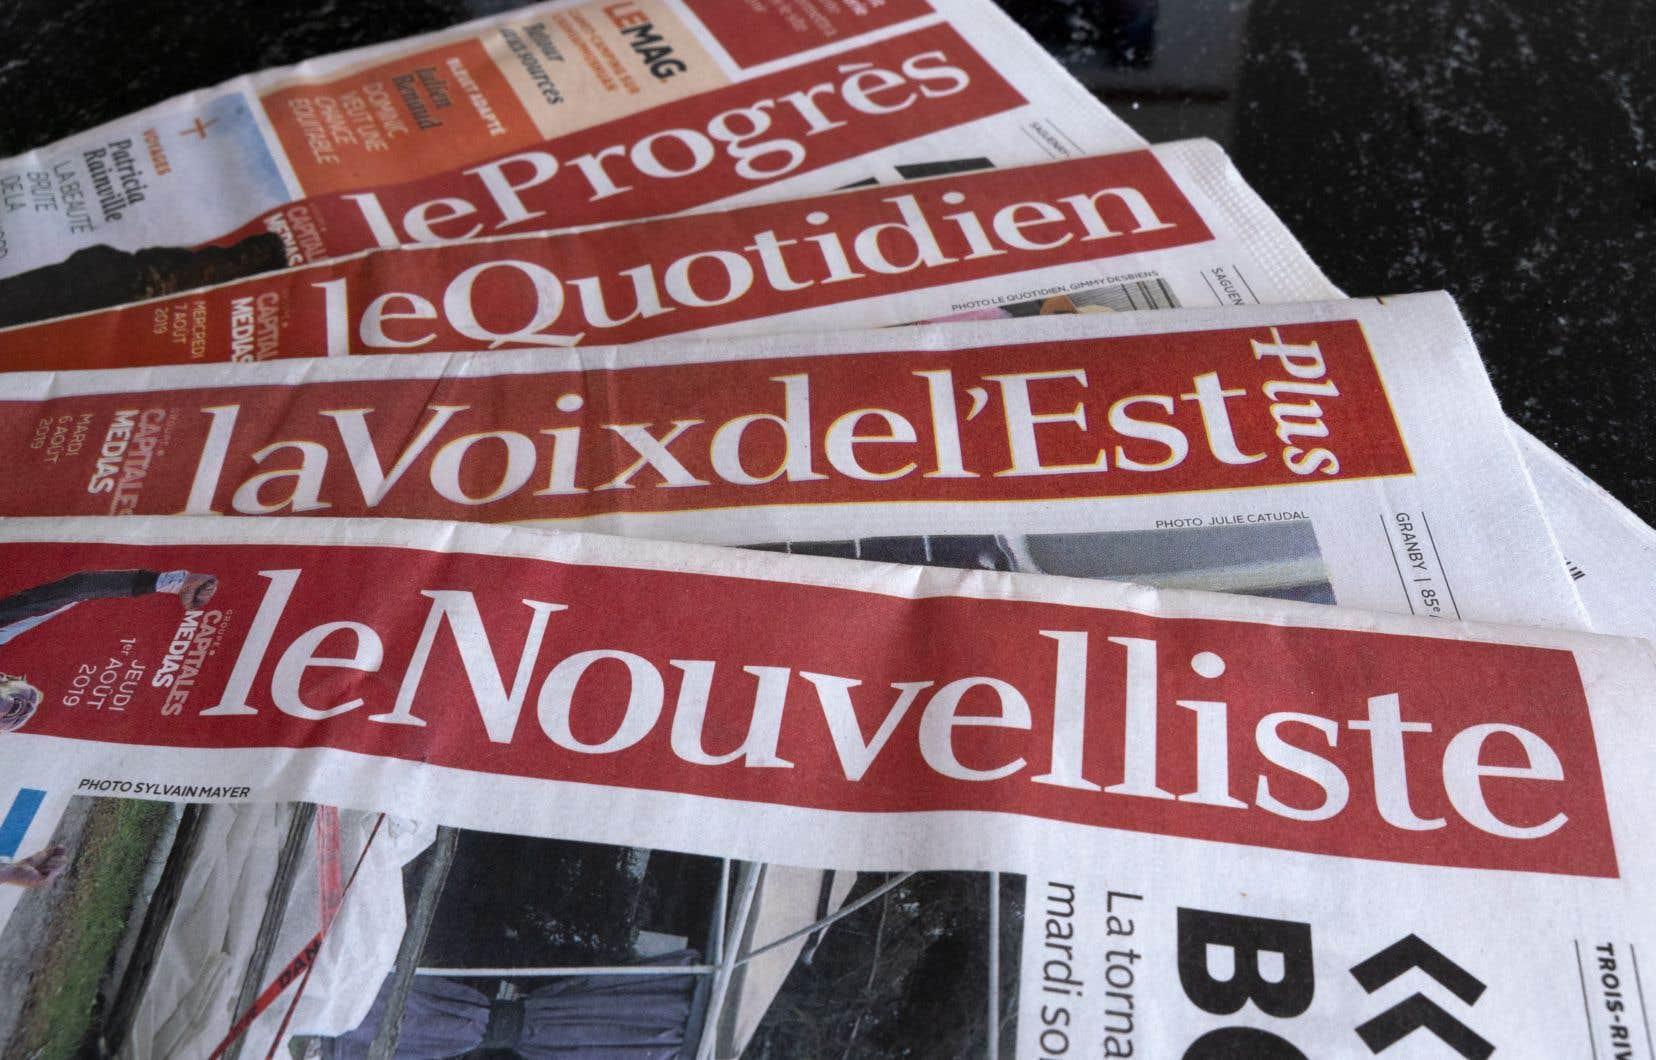 GCM compte quelque 350 employés permanents et publie les quotidiens régionaux <em>Le Soleil</em>, <em>La Tribune</em>, <em>La Voix de l'Est</em>, <em>Le Droit</em>, <em>Le Nouvelliste</em> et <em>Le Quotidien</em>.